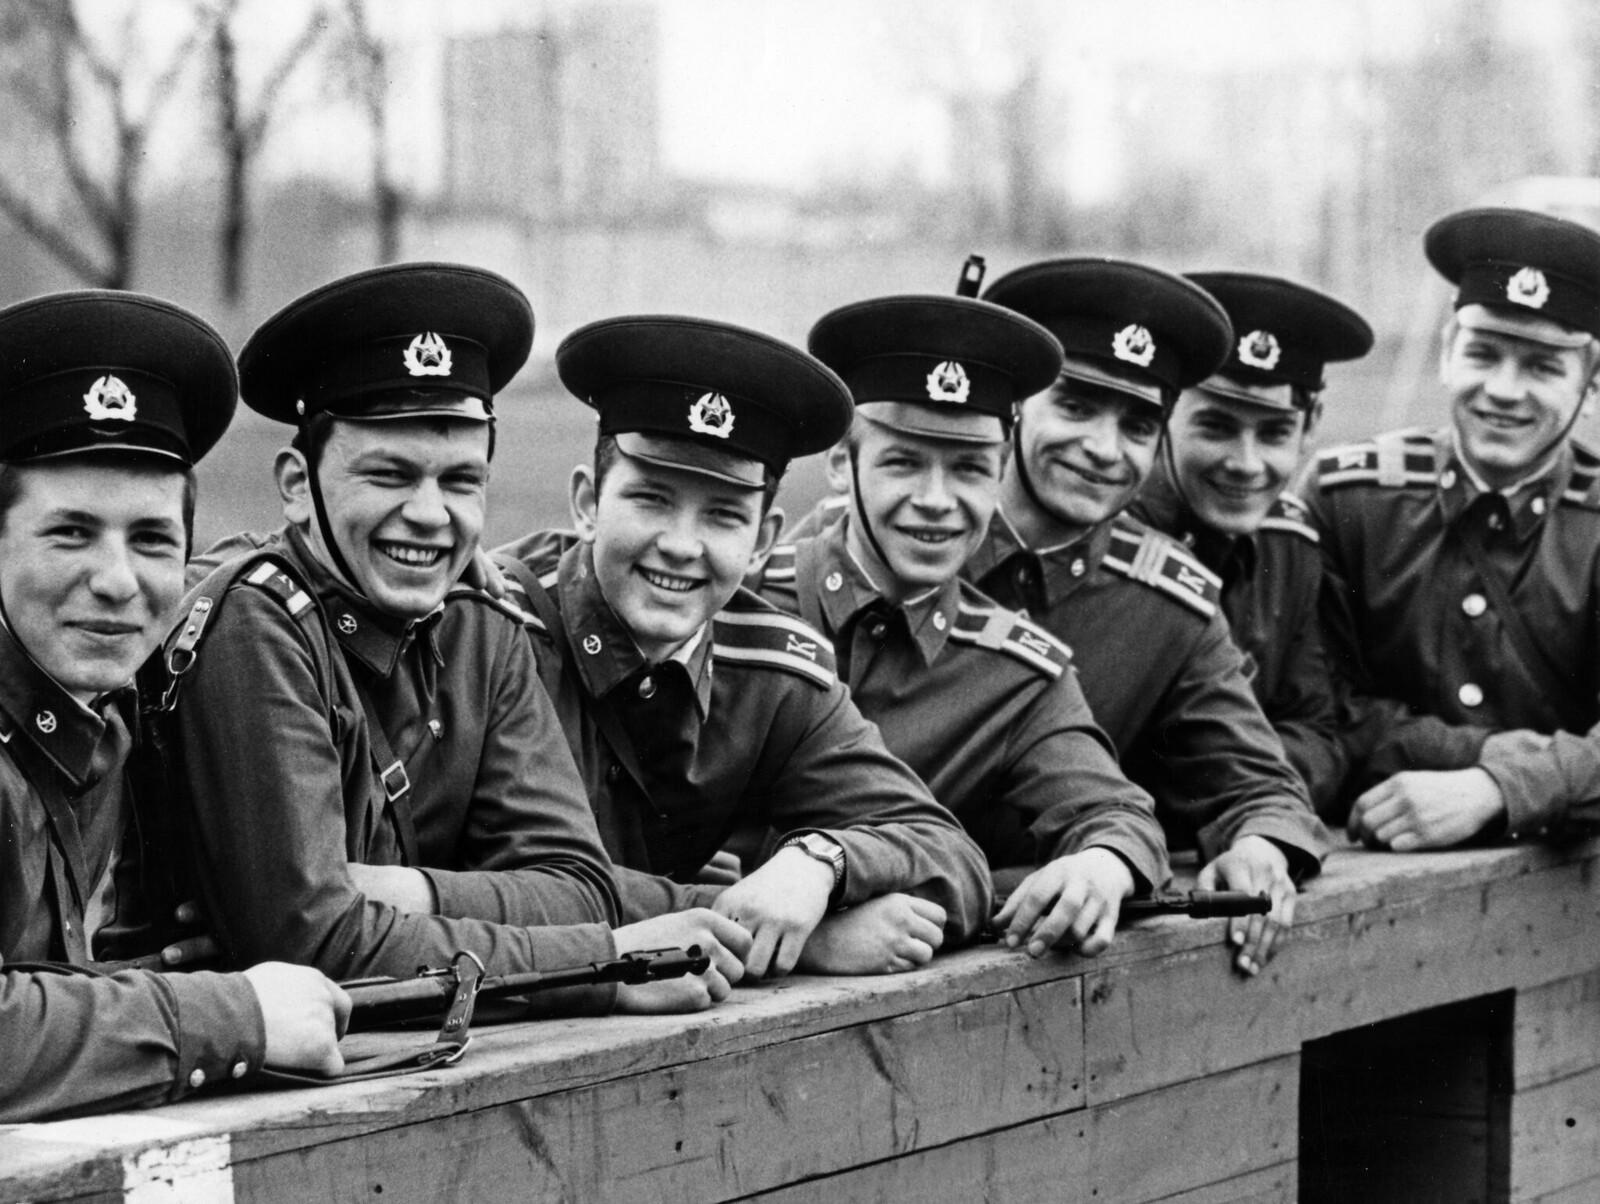 1987. Молодые курсанты Академии пограничных войск в Москве